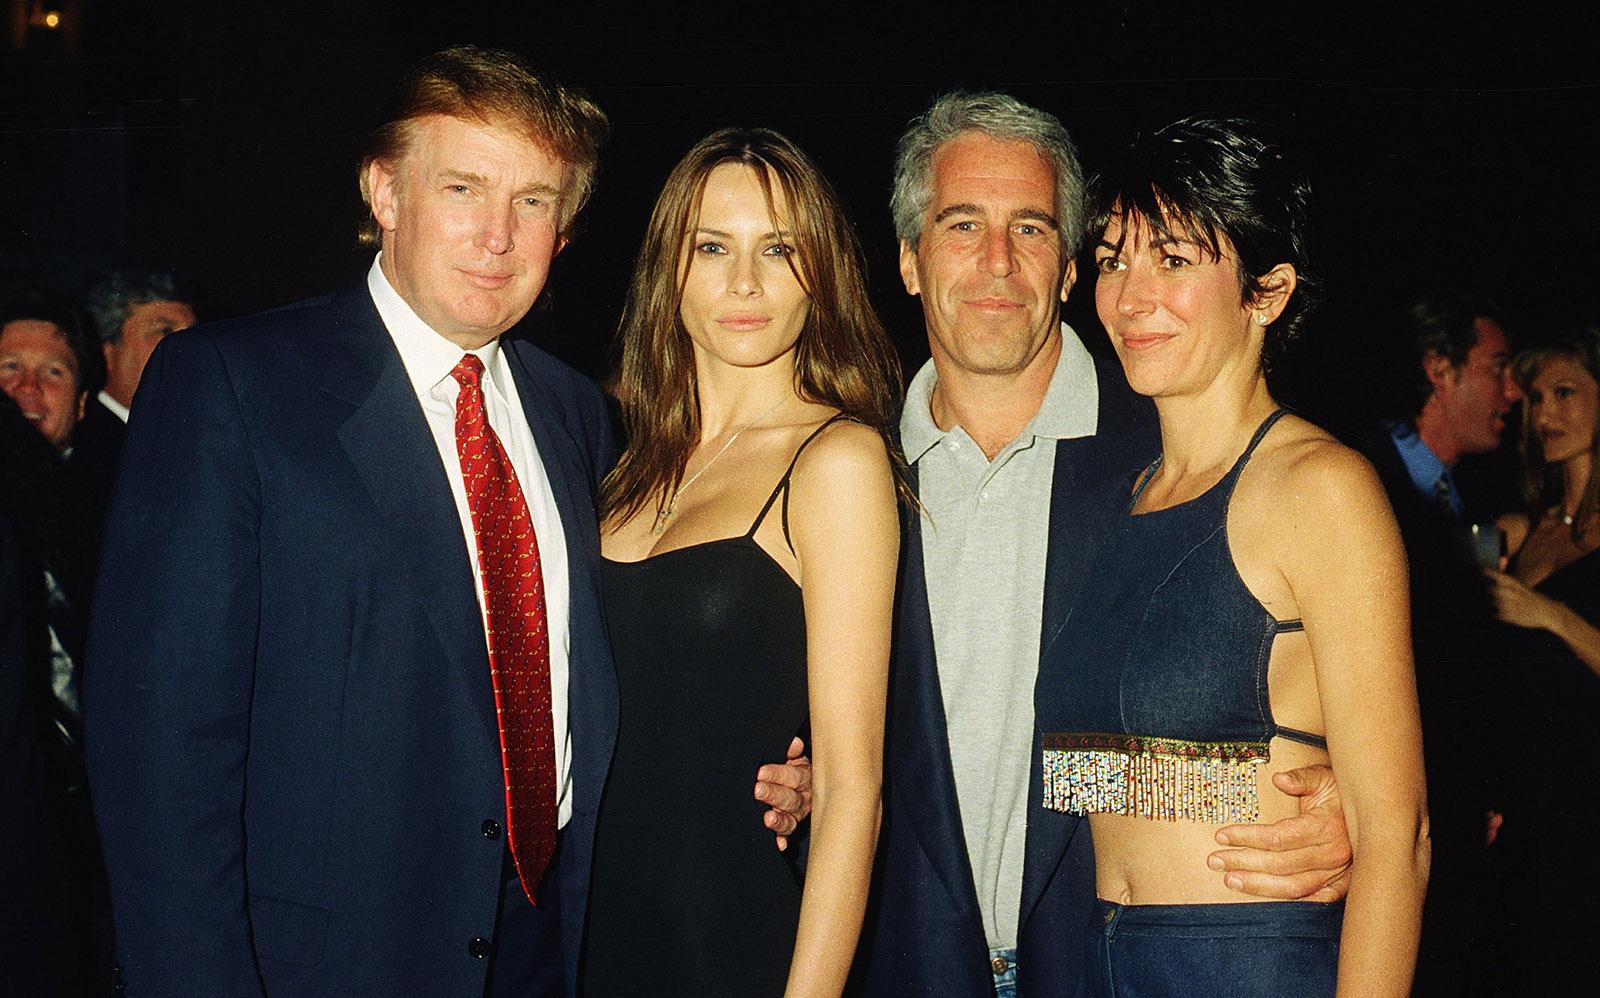 Trump, Knauss, Epstein, and Maxwell at Mar-A-Lago